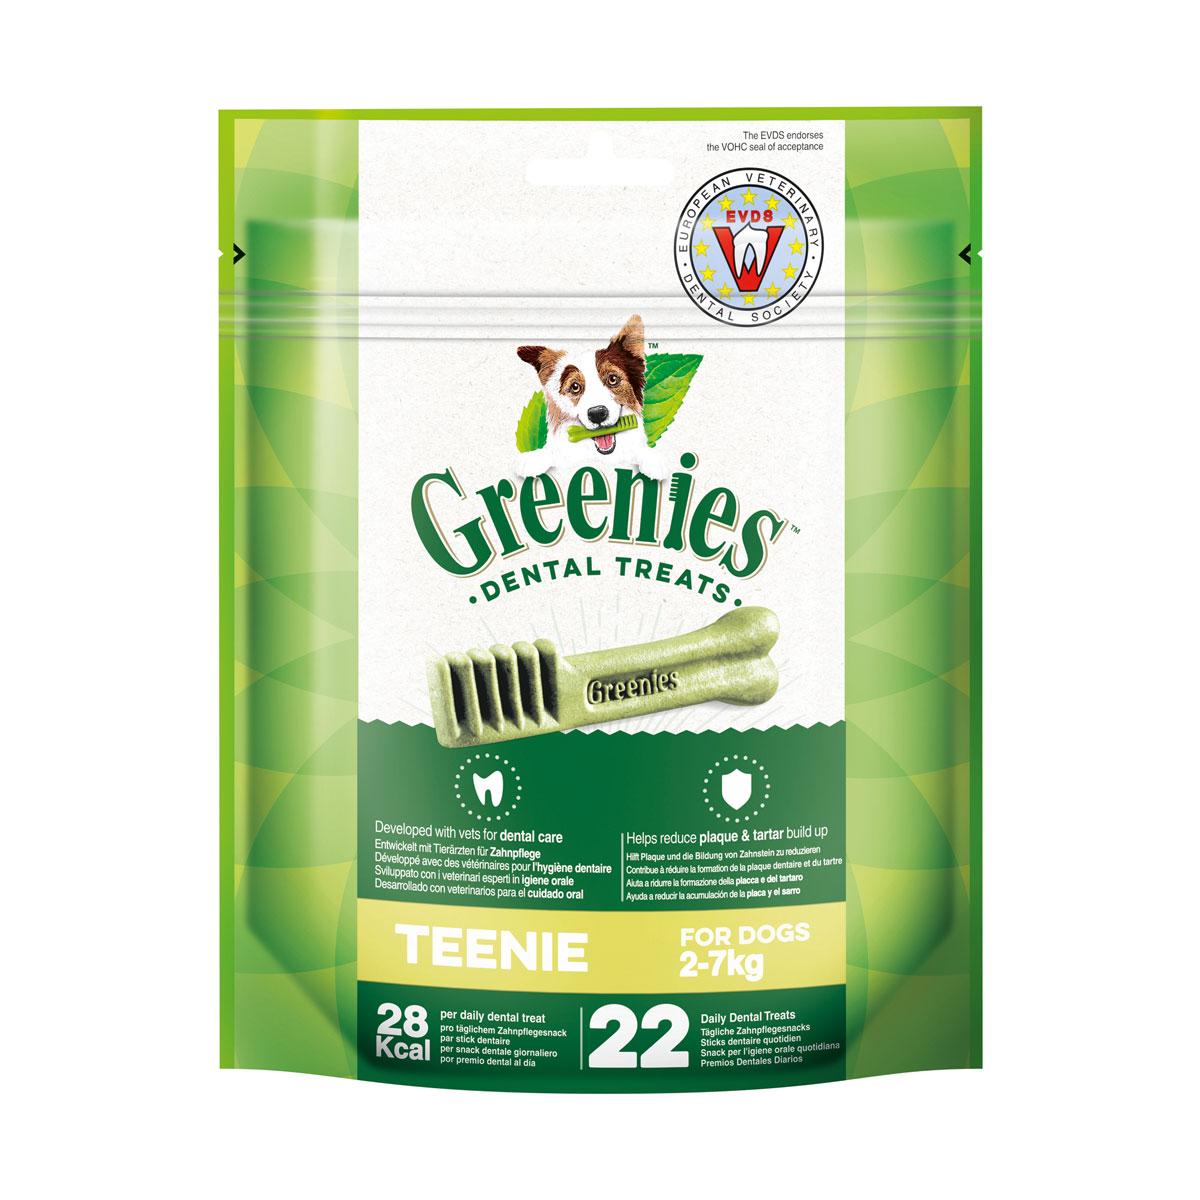 Greenies Teenie Zahnpflegesnacks für Hunde von 2-7kg 170g